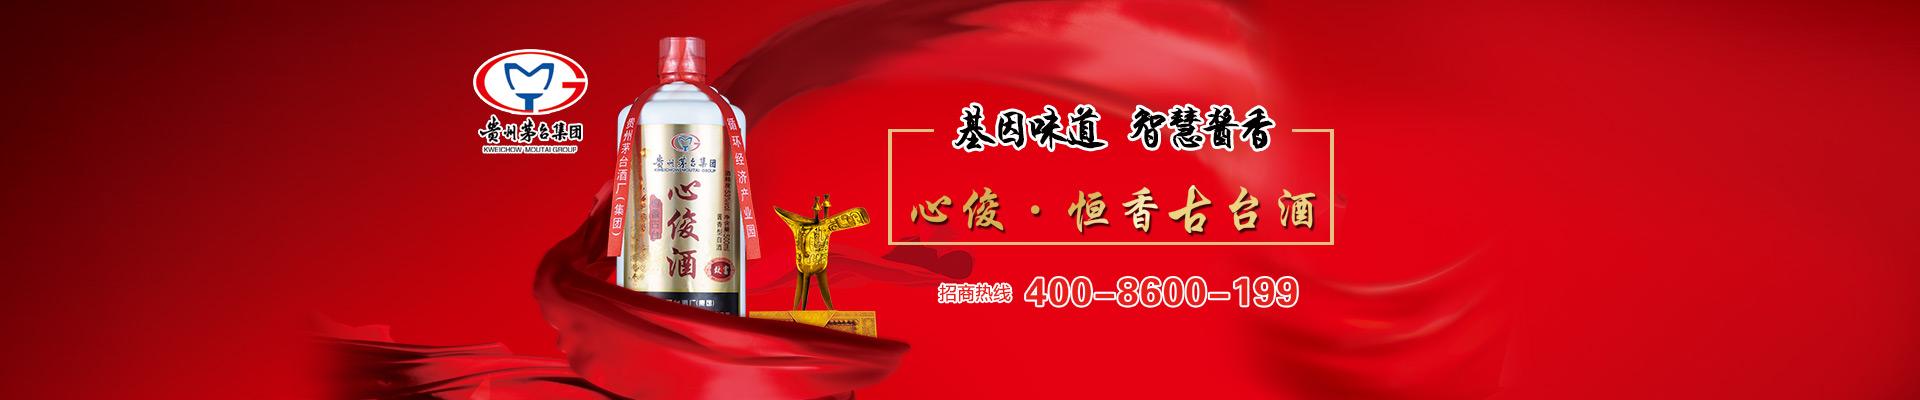 贵州省茅台酒厂(集团)循环经济产业投资开发有限公司